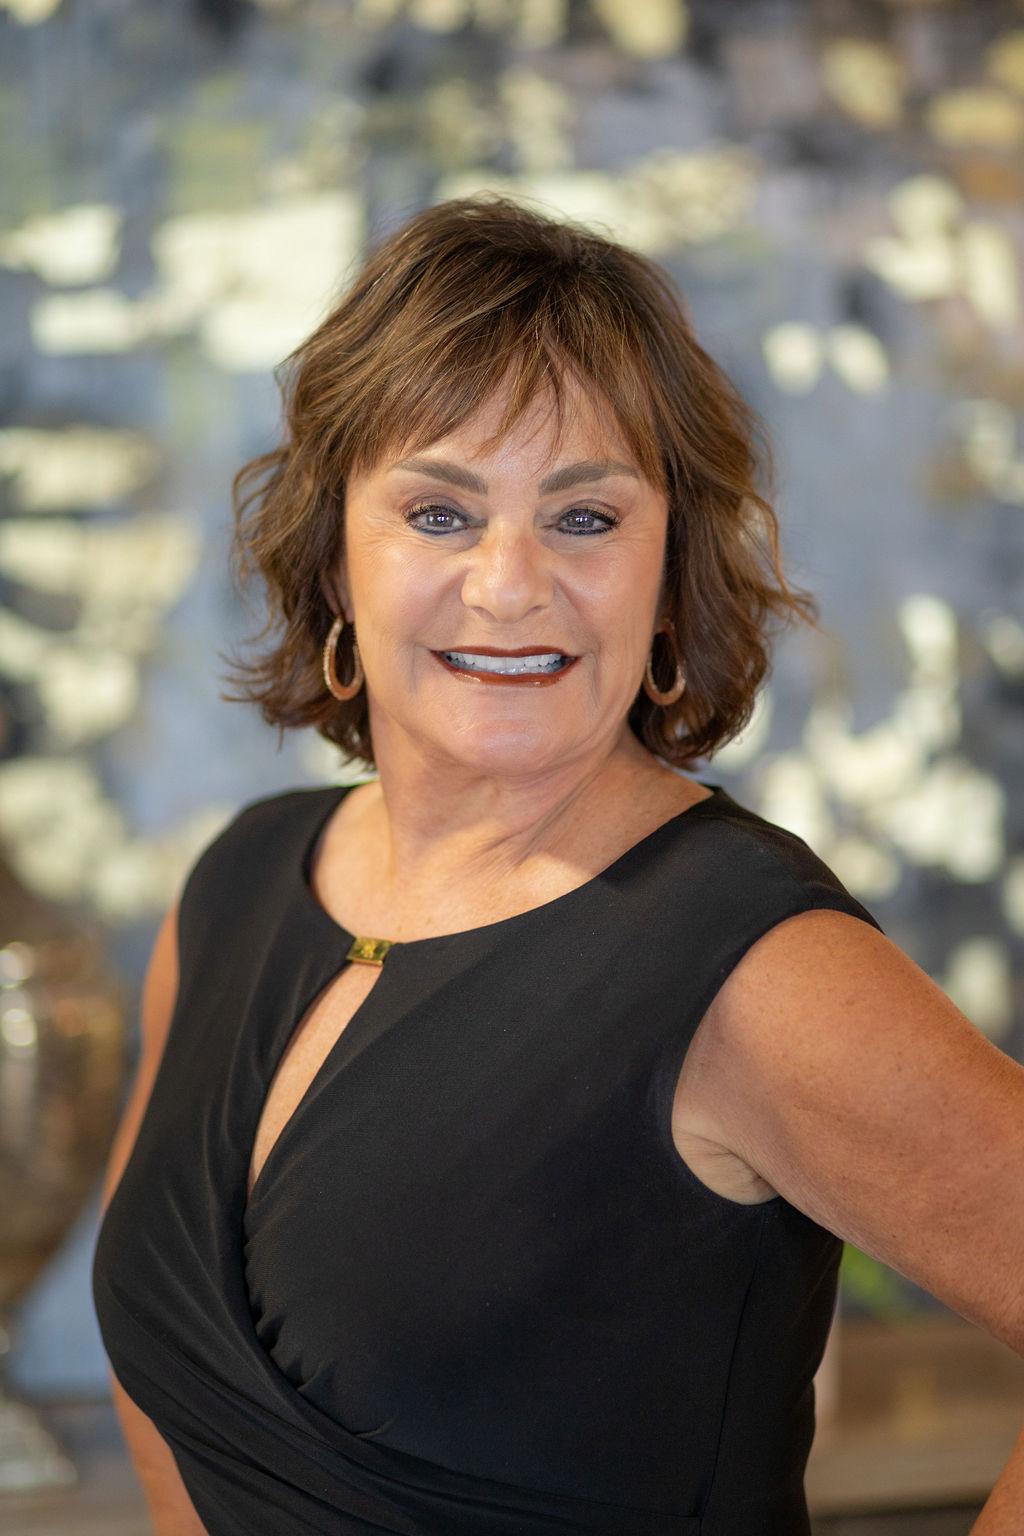 Geri Doyle